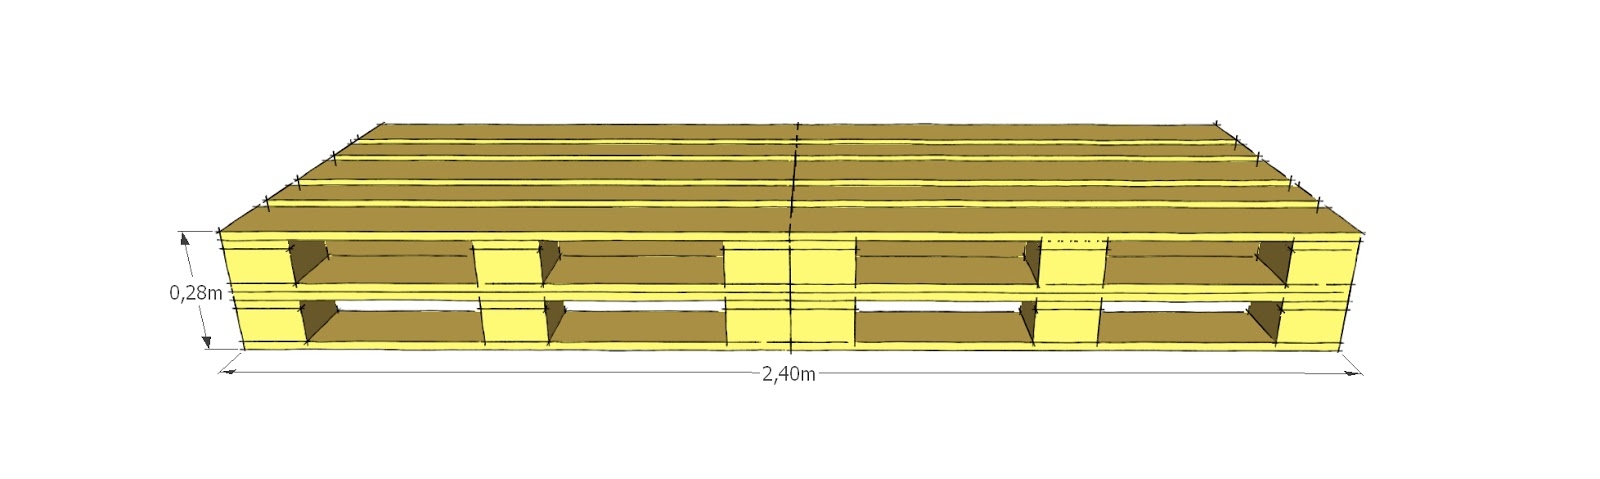 Favorito Progettare spazi verdi: Come costruire un divano con i pallet  NB77